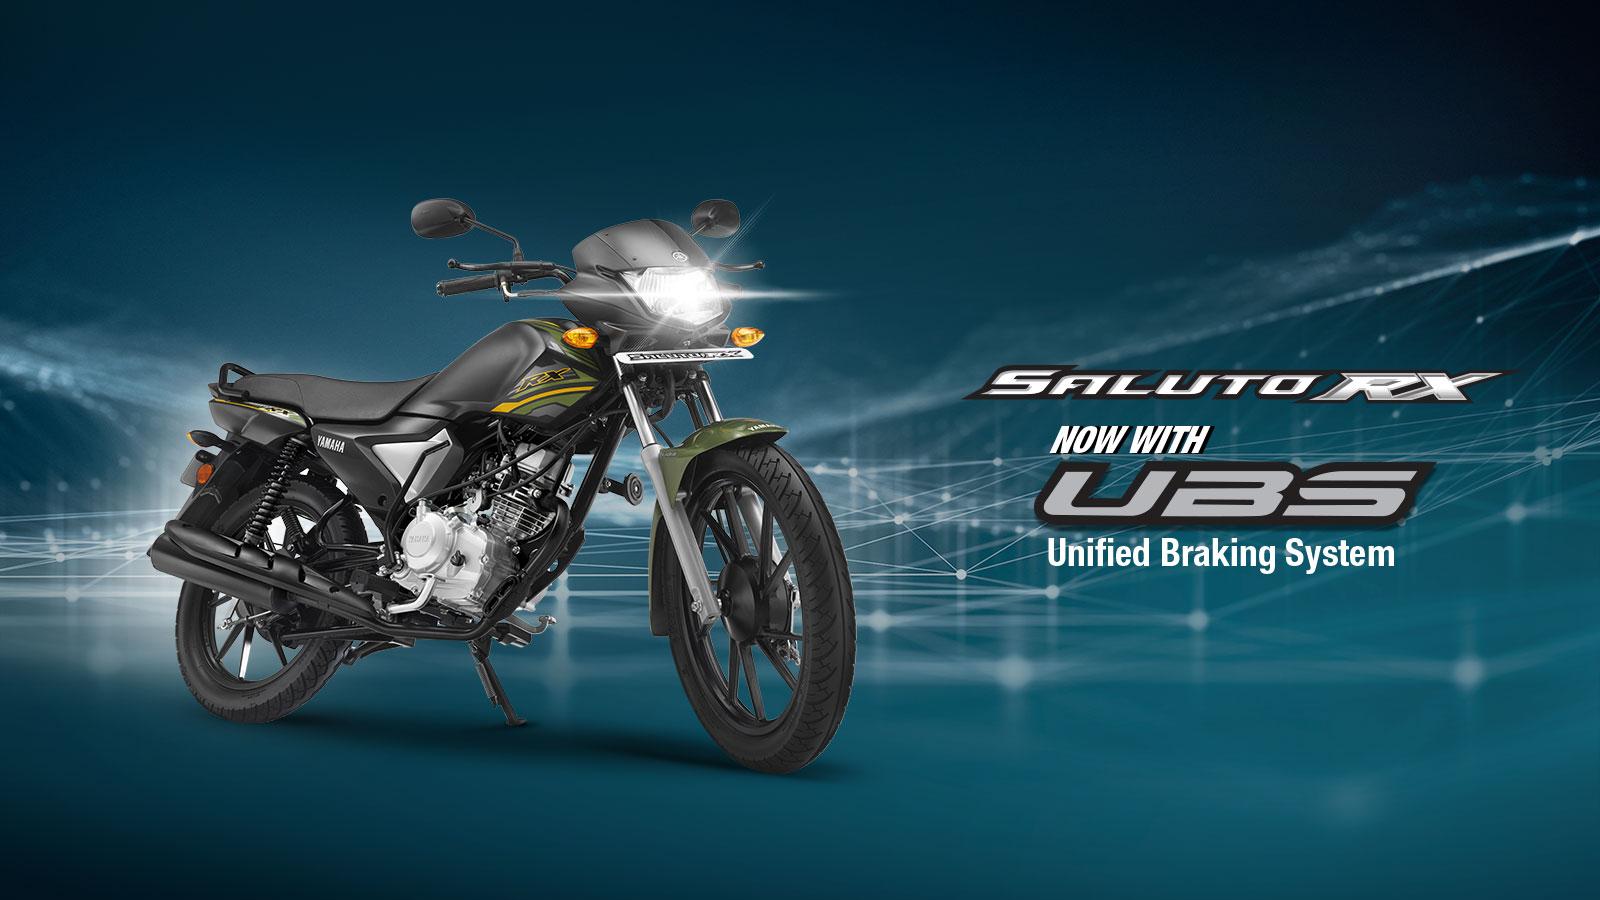 Yamaha Saluto RX Price, Model, Mileage, Specs, Images | India Yamaha